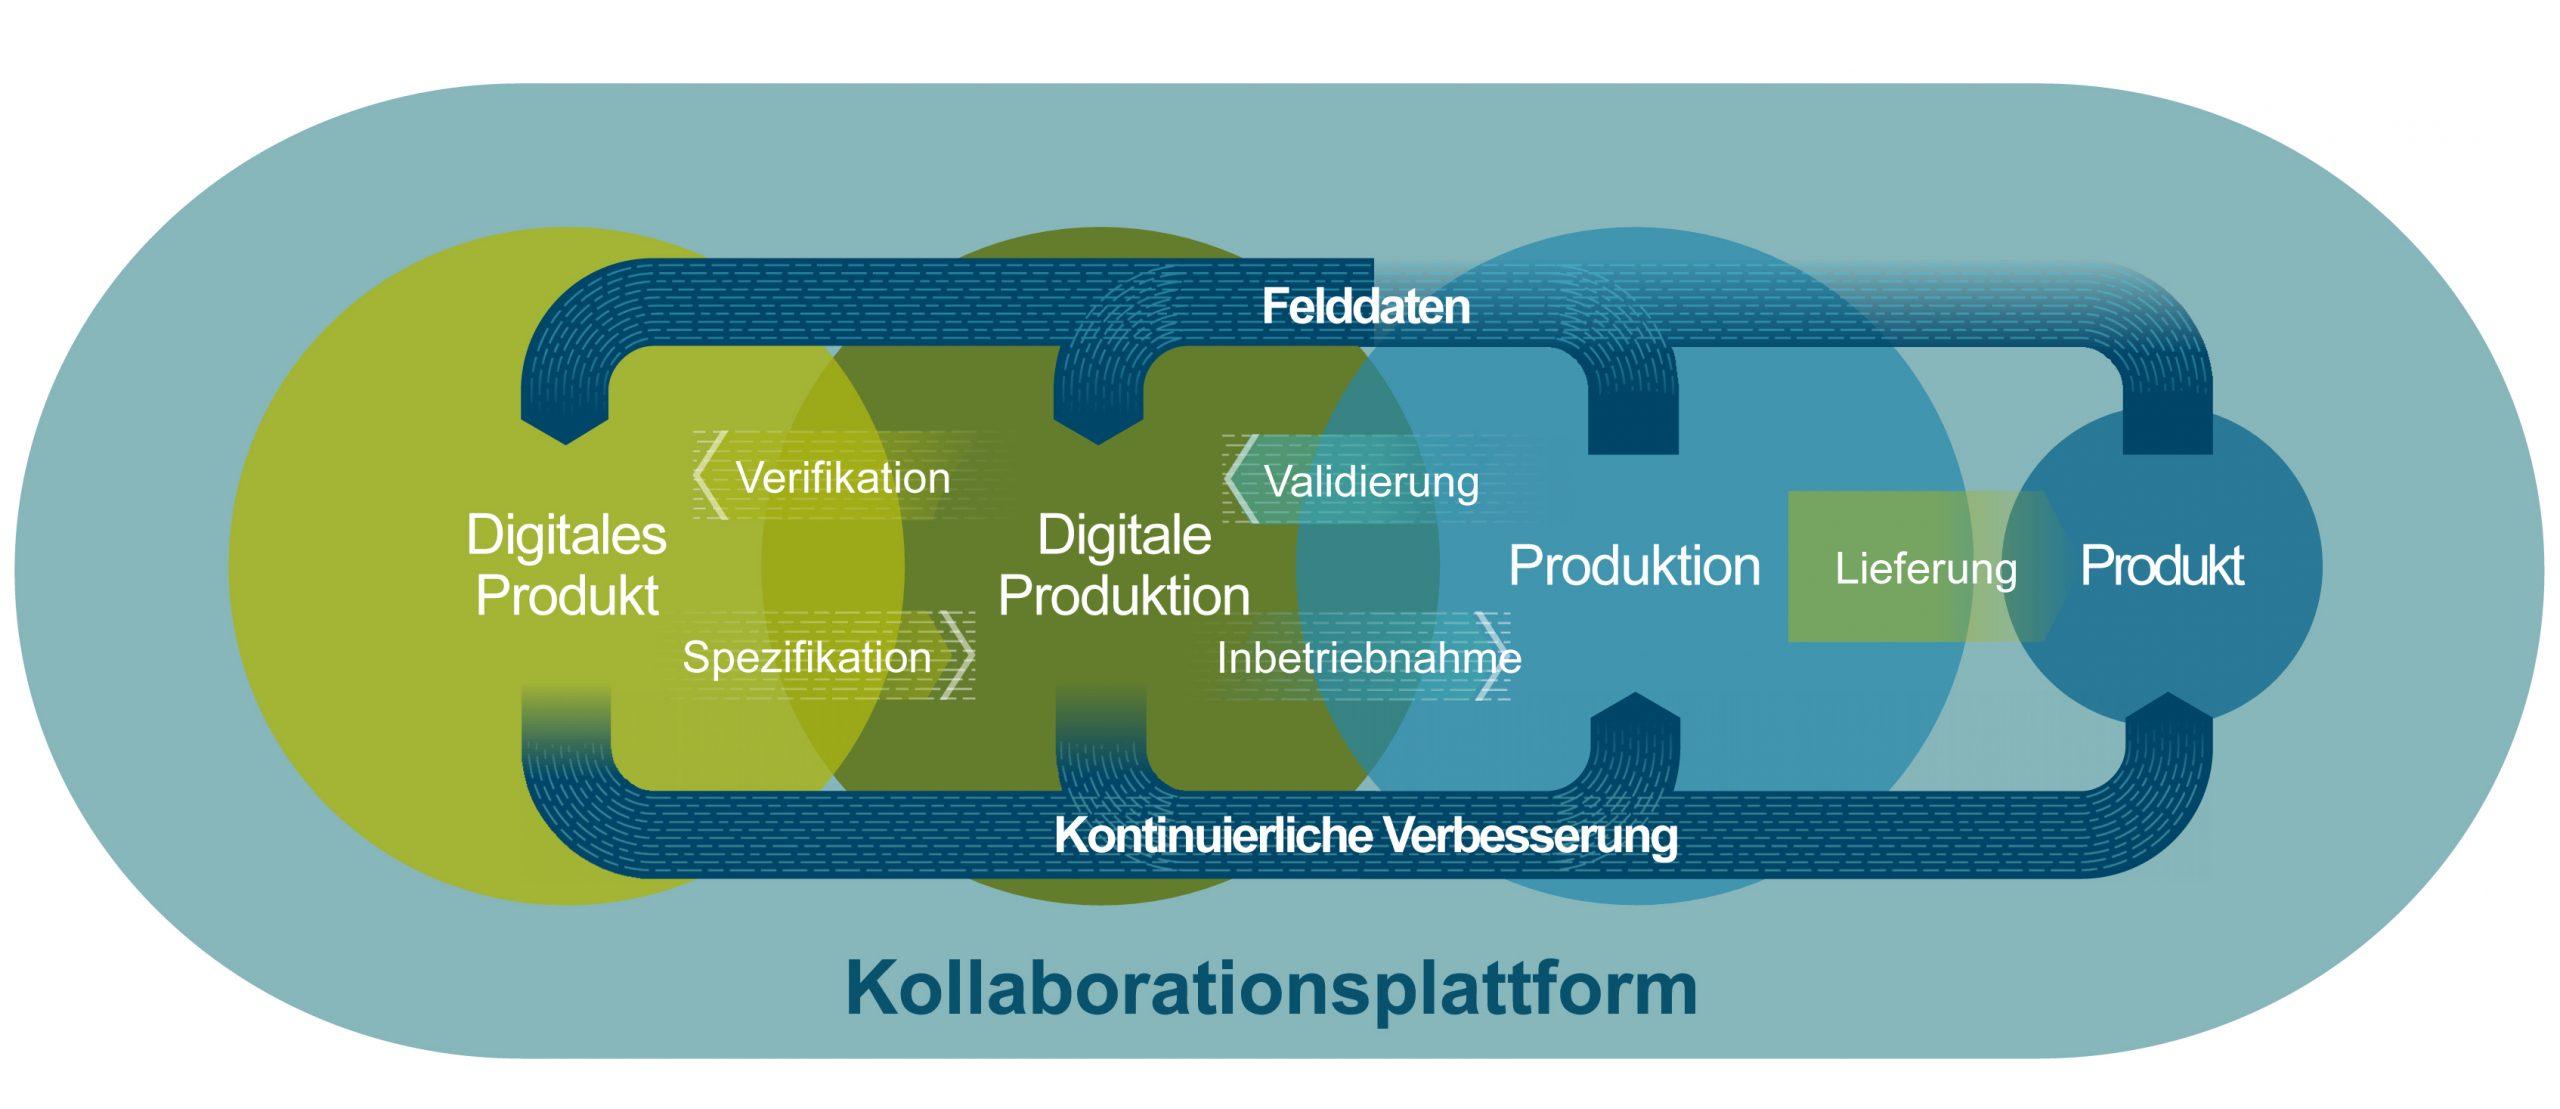 Digitale Zwillinge vernetzt (Bild: Siemens Industry Software GmbH)